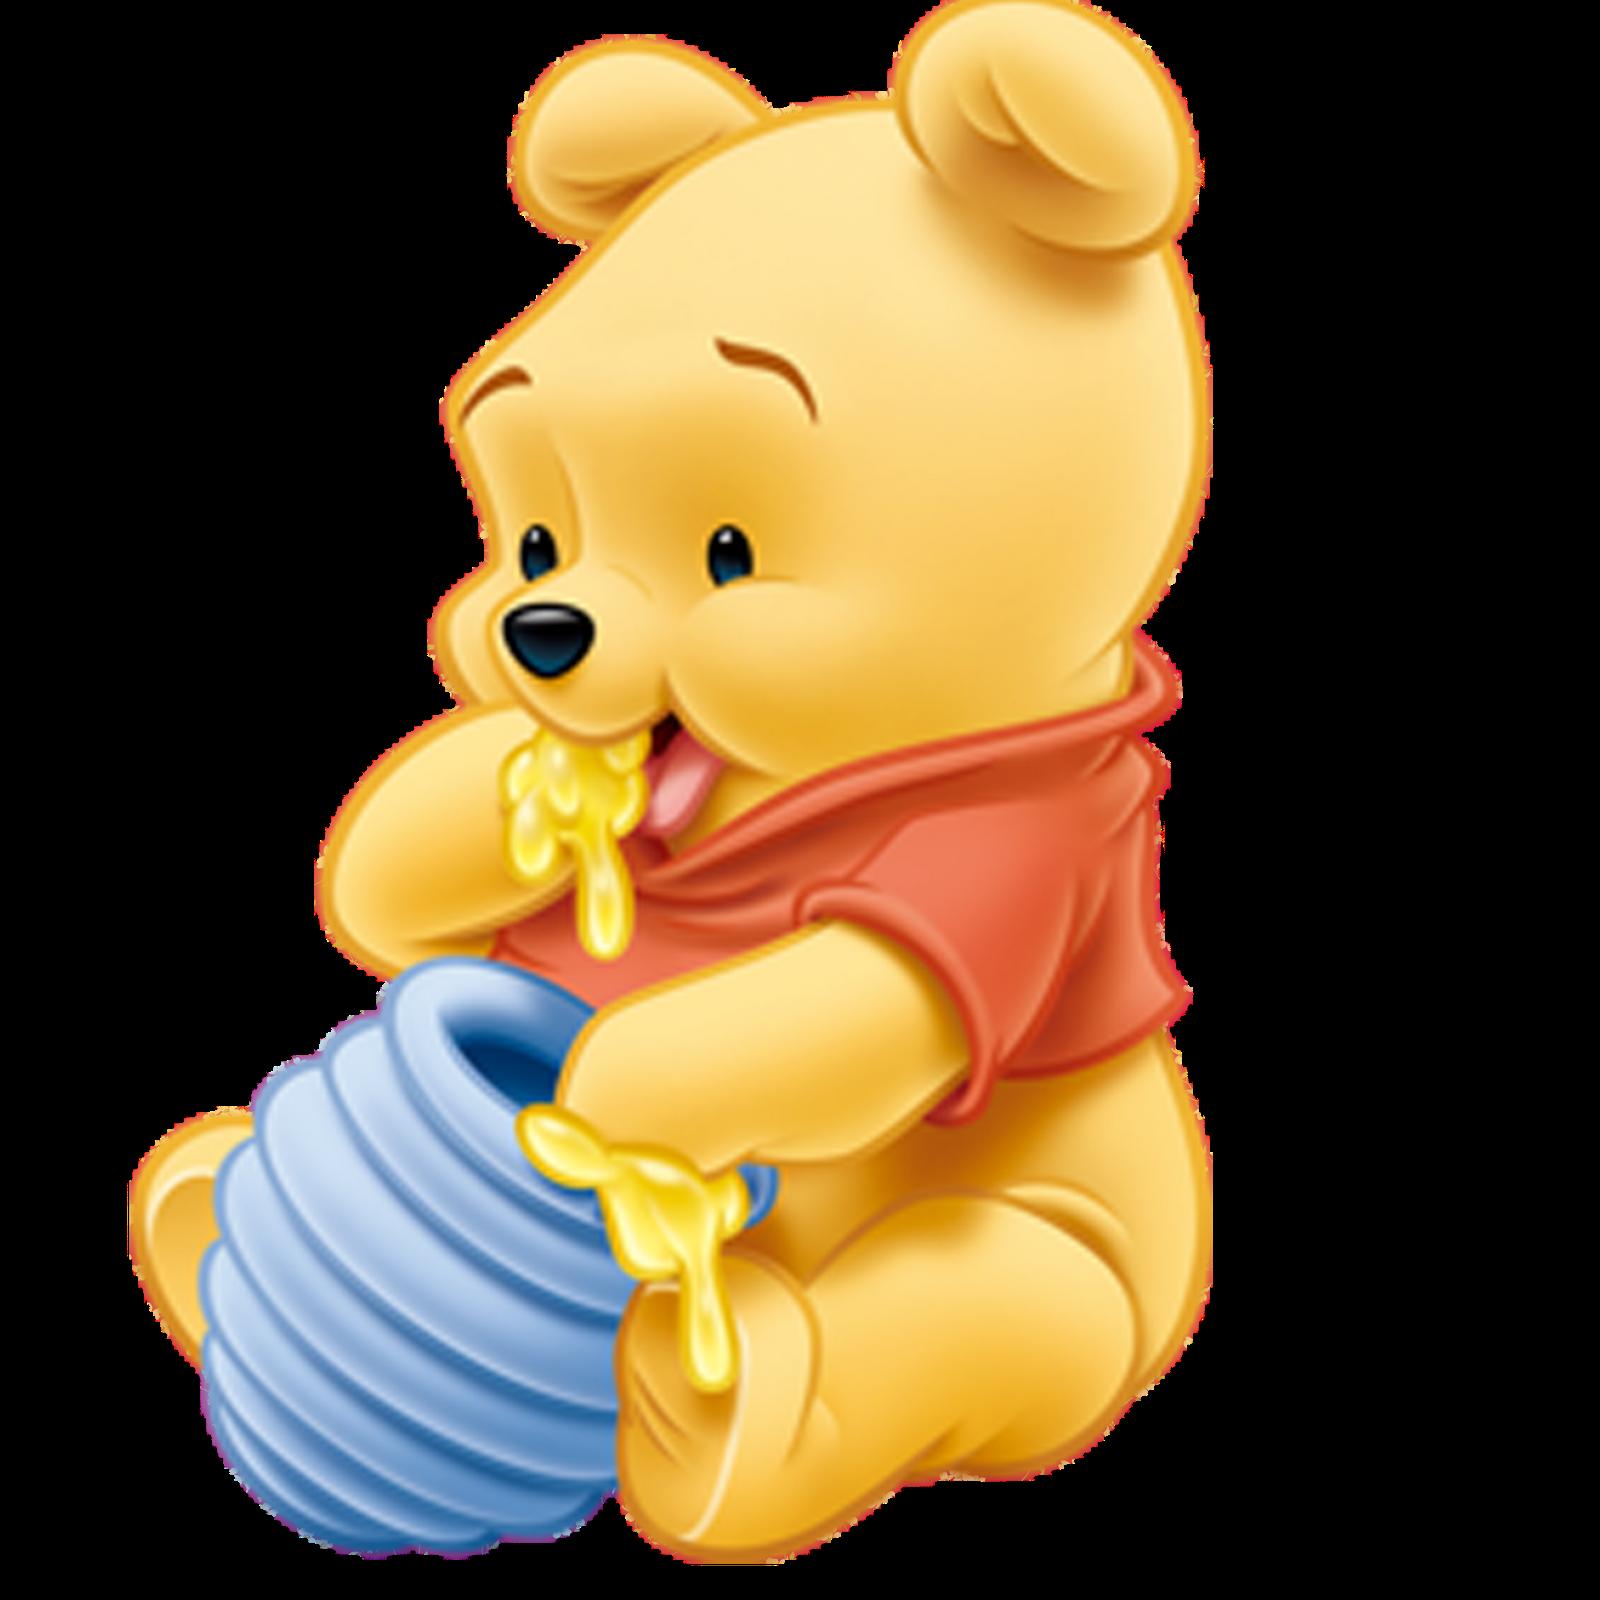 Winnie Pooh PNG Image.